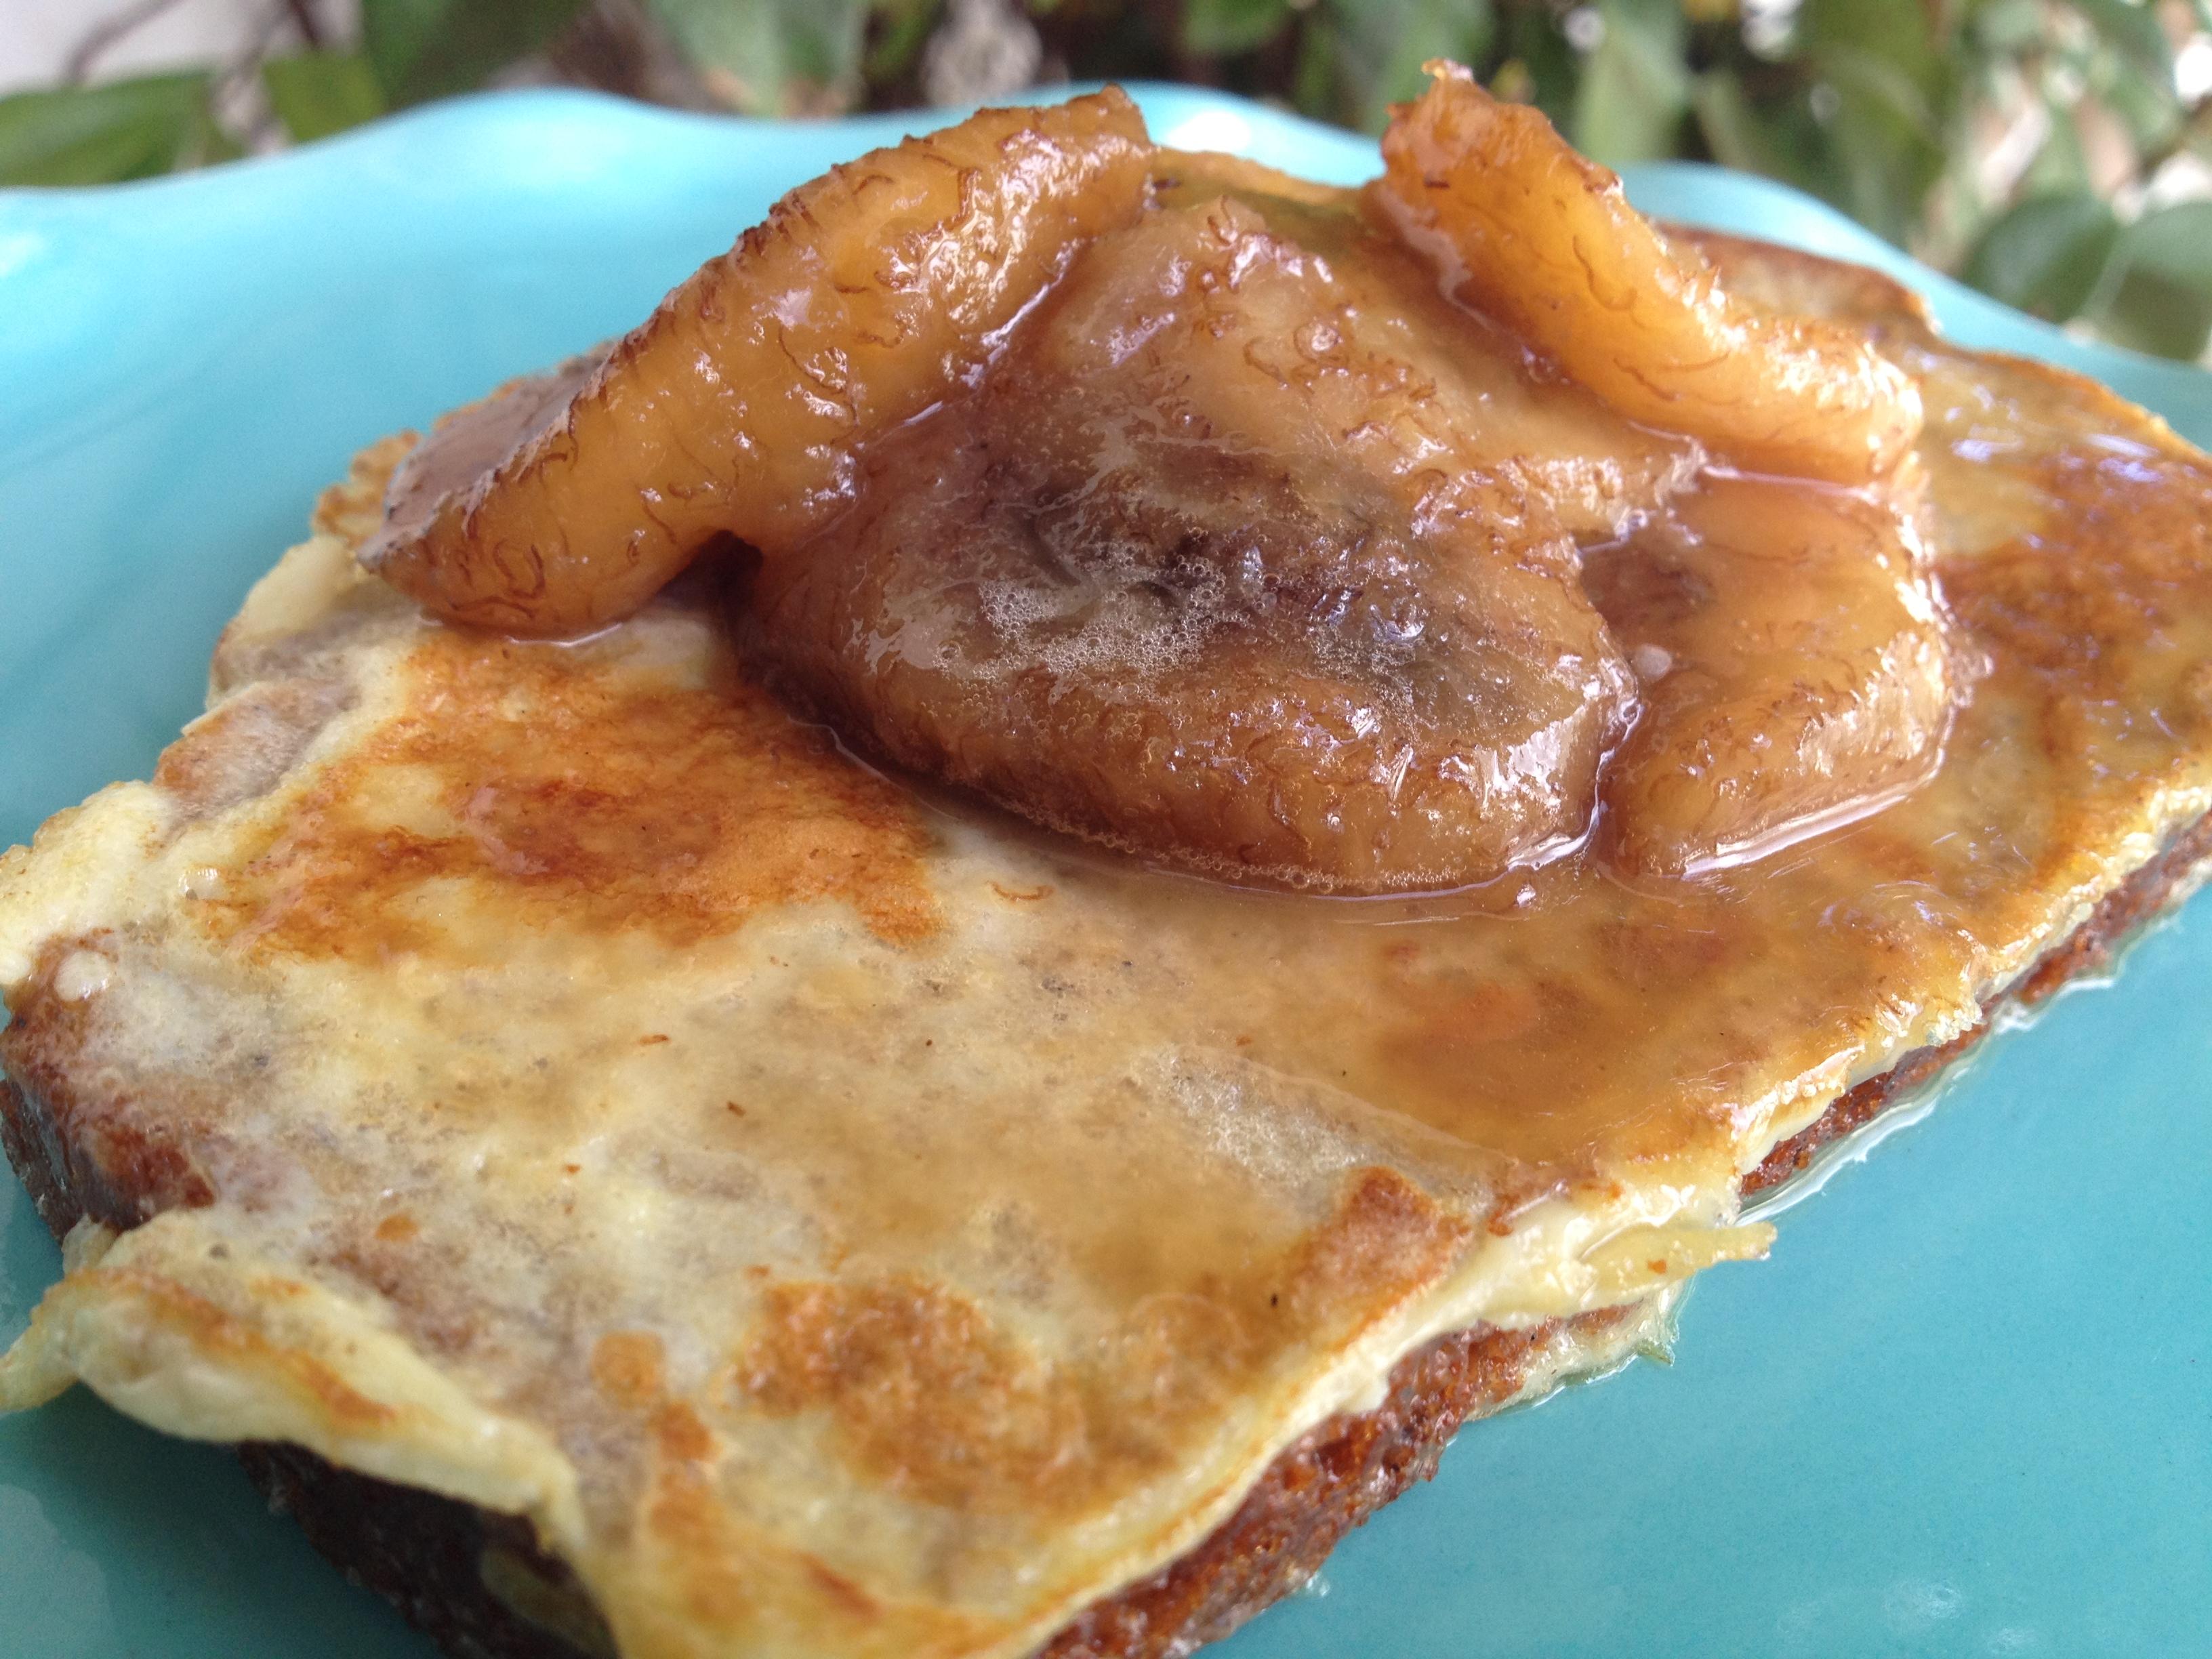 Paleo Banana French Toast